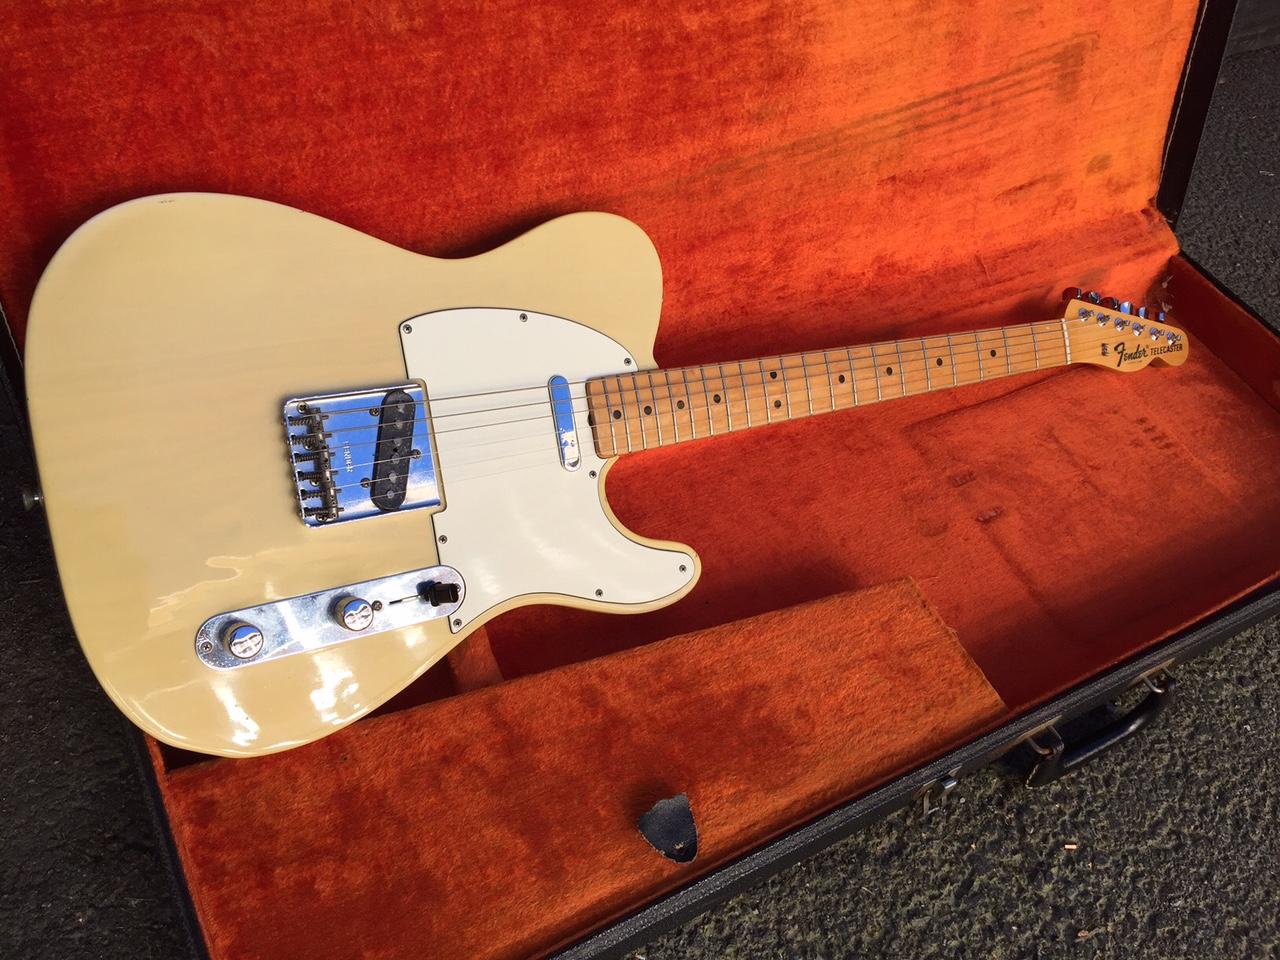 fender telecaster 1968 blonde guitar for sale anders anderson guitars. Black Bedroom Furniture Sets. Home Design Ideas